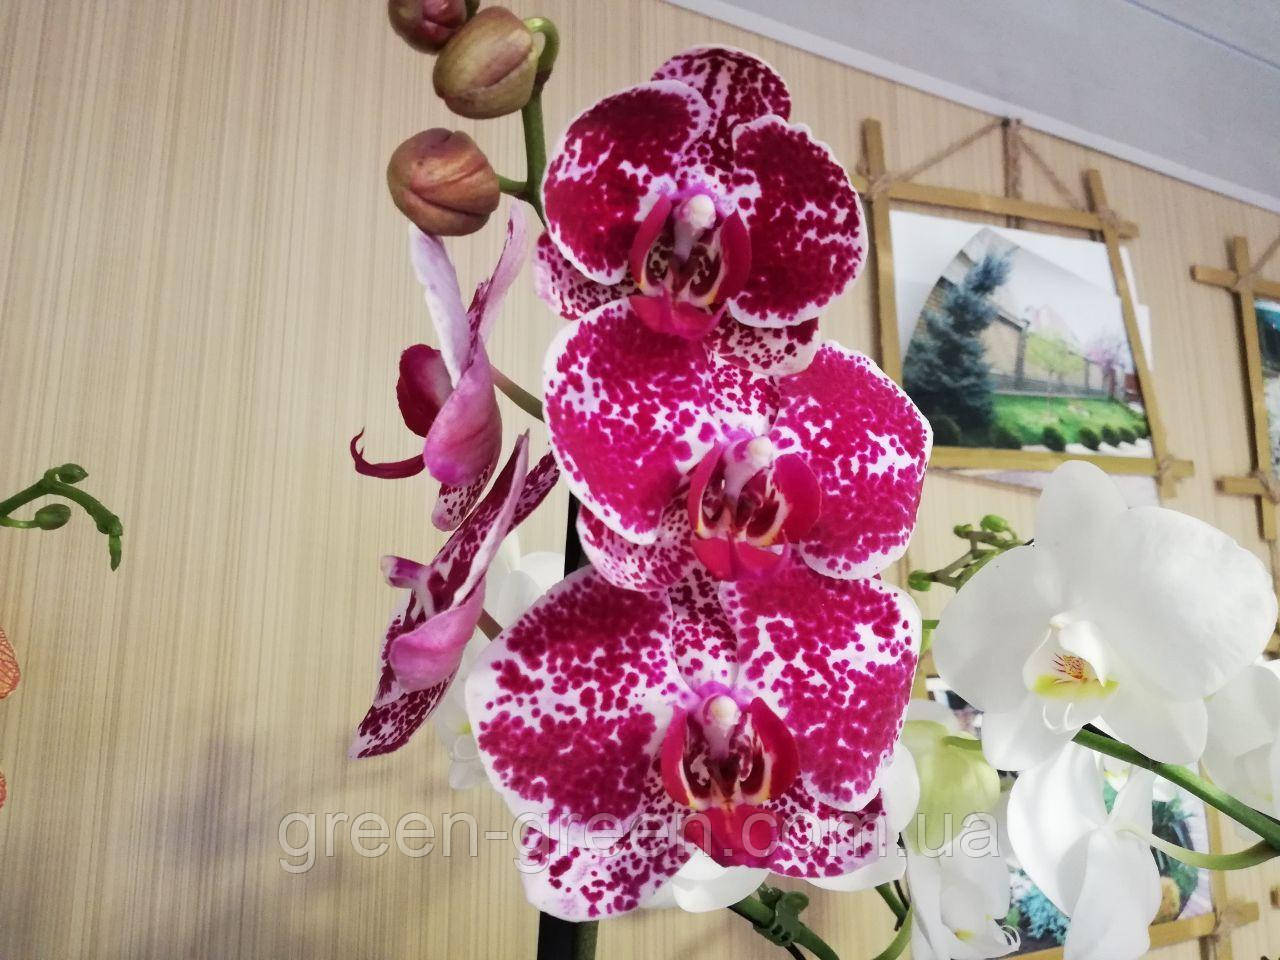 Орхидея Фаленопсис сиреневая пятнистая